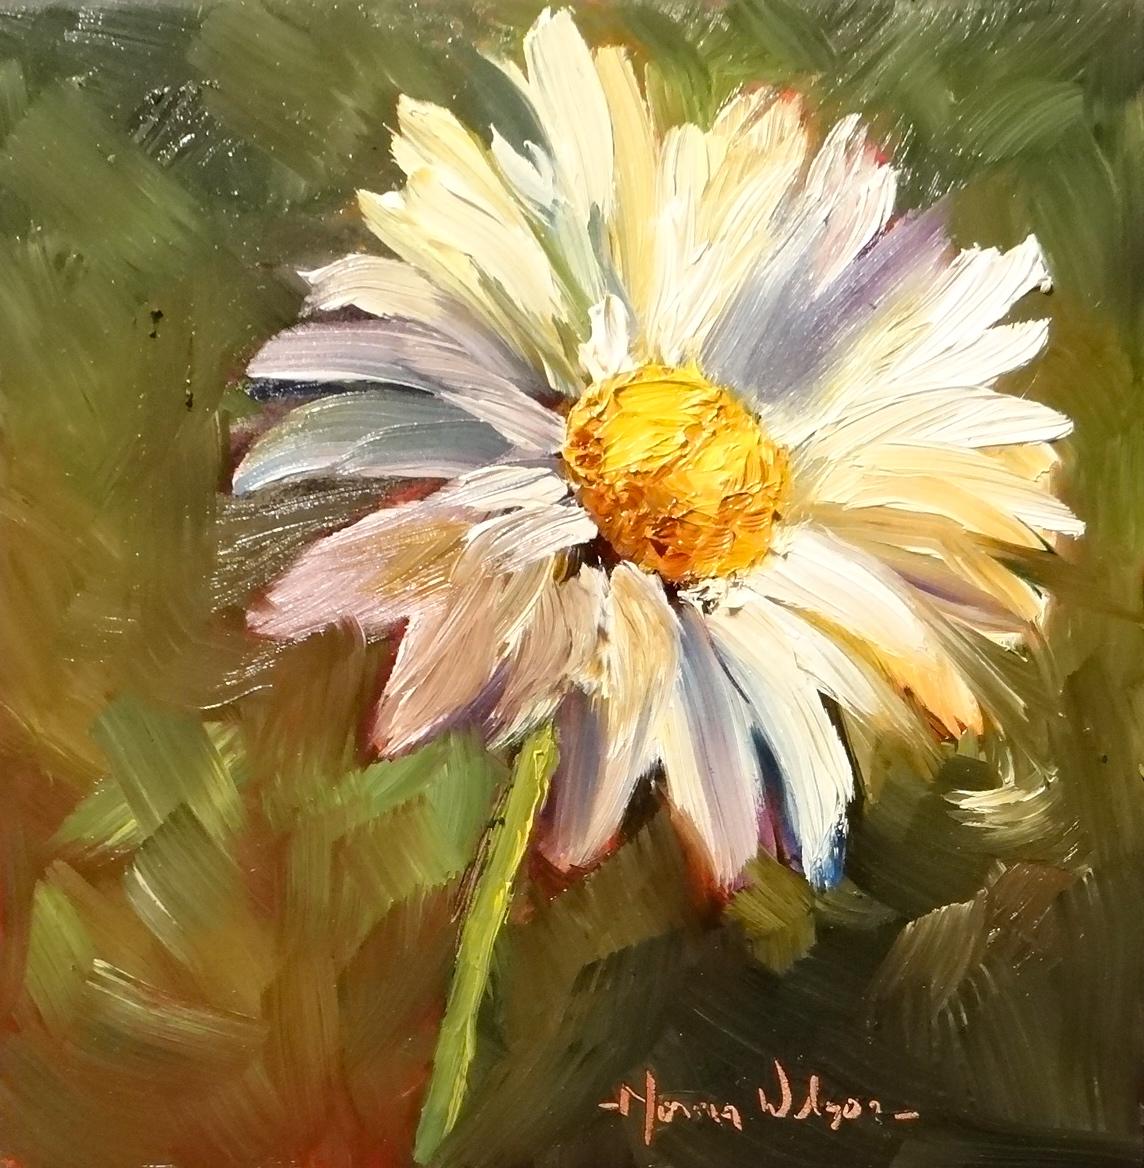 Norma Wilson Art Daisy Delight Floral Still Life Painting